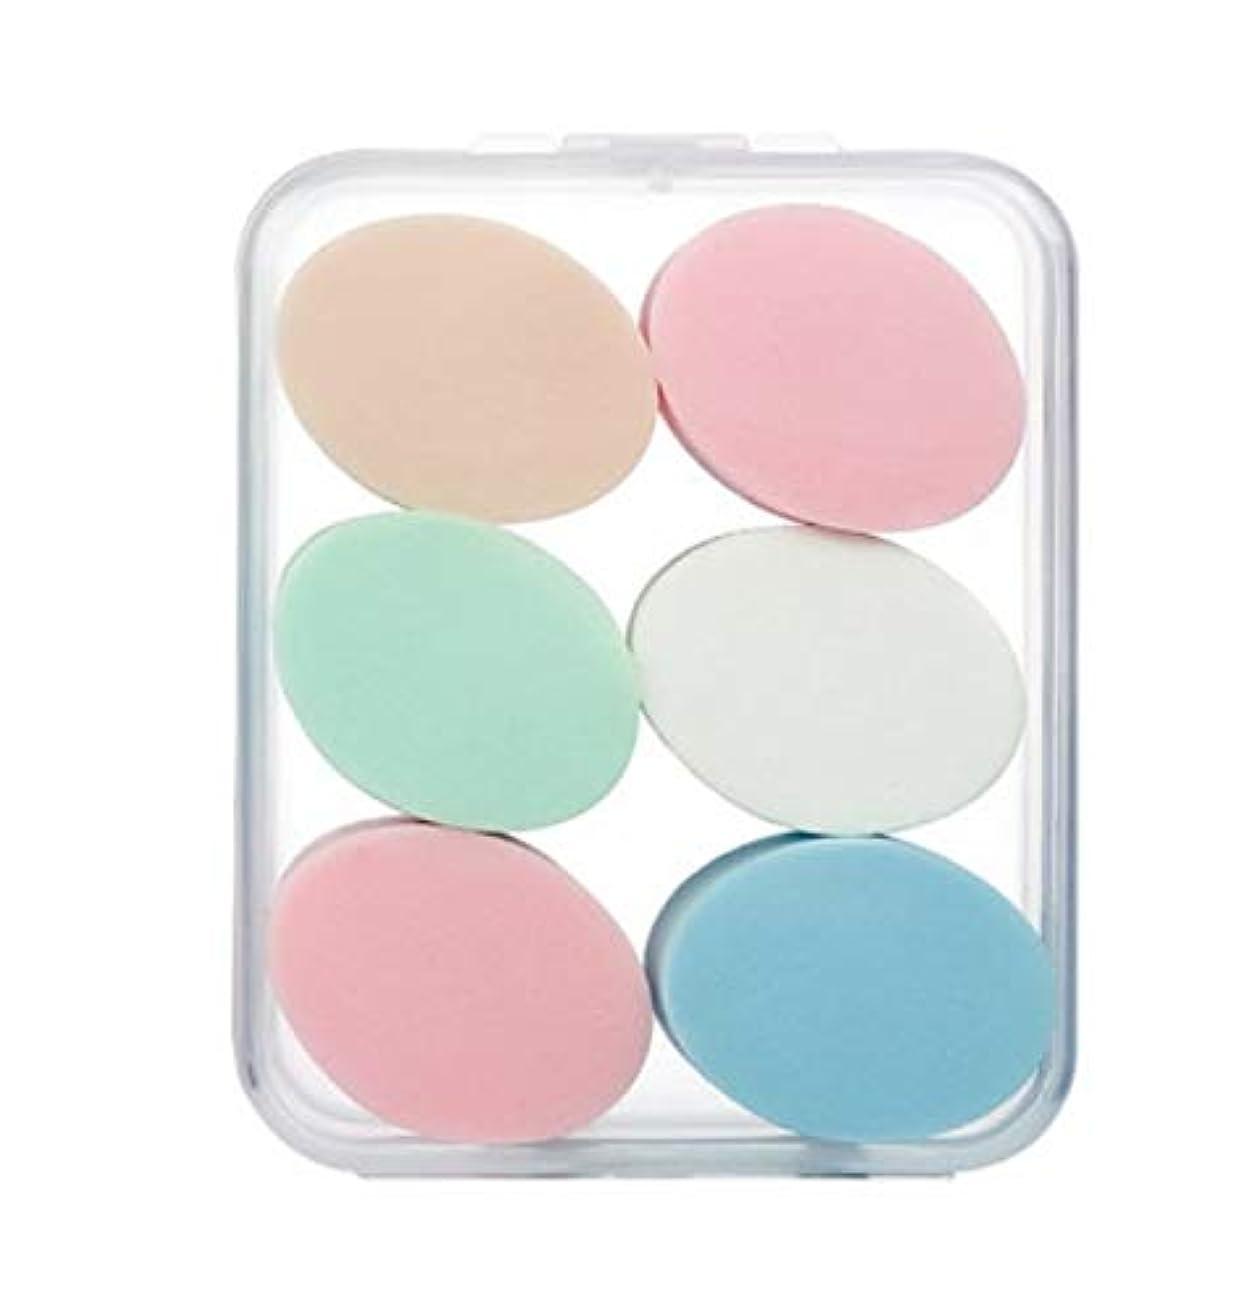 サイレン欲求不満の量美容スポンジ、収納ボックス付きソフト楕円化粧スポンジ美容メイク卵6パック